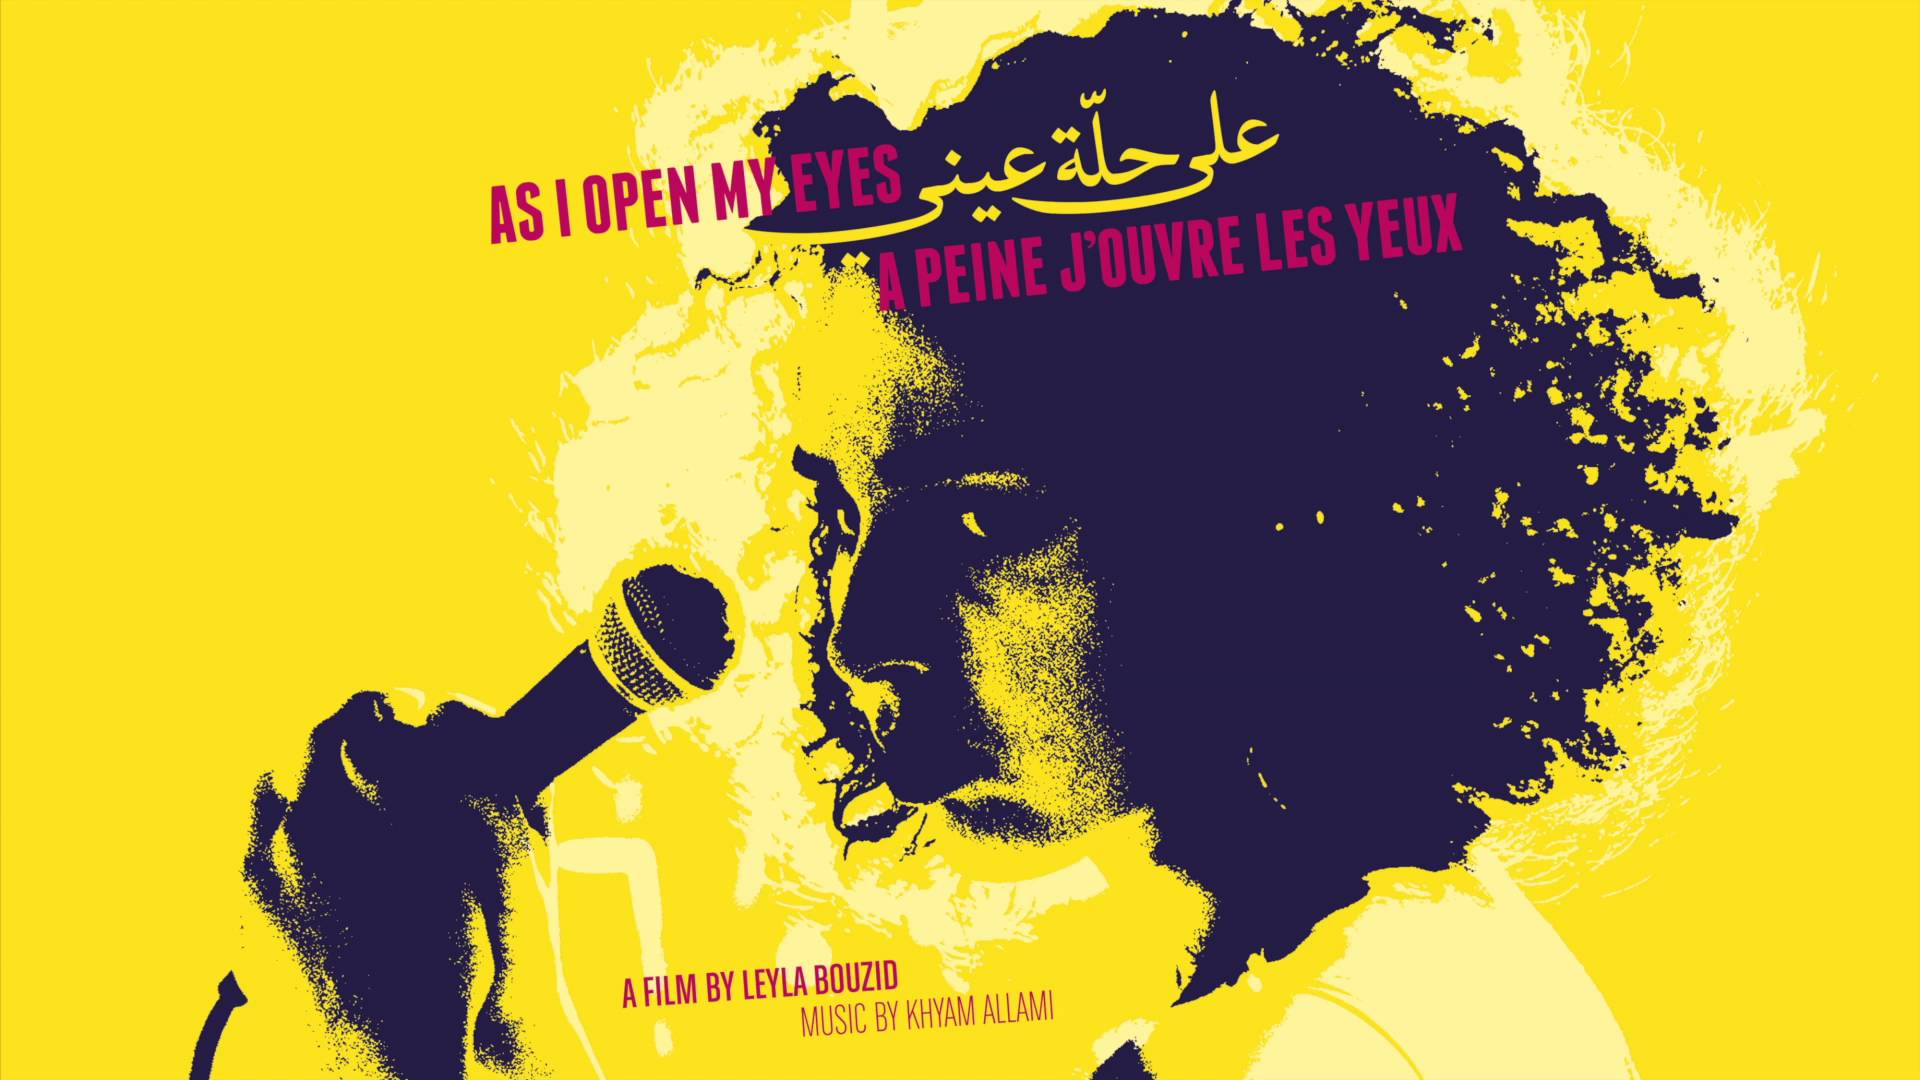 """[CINEMA] """"Assim Que Abro Meus Olhos"""": sobre música e política (Festival do Rio)"""